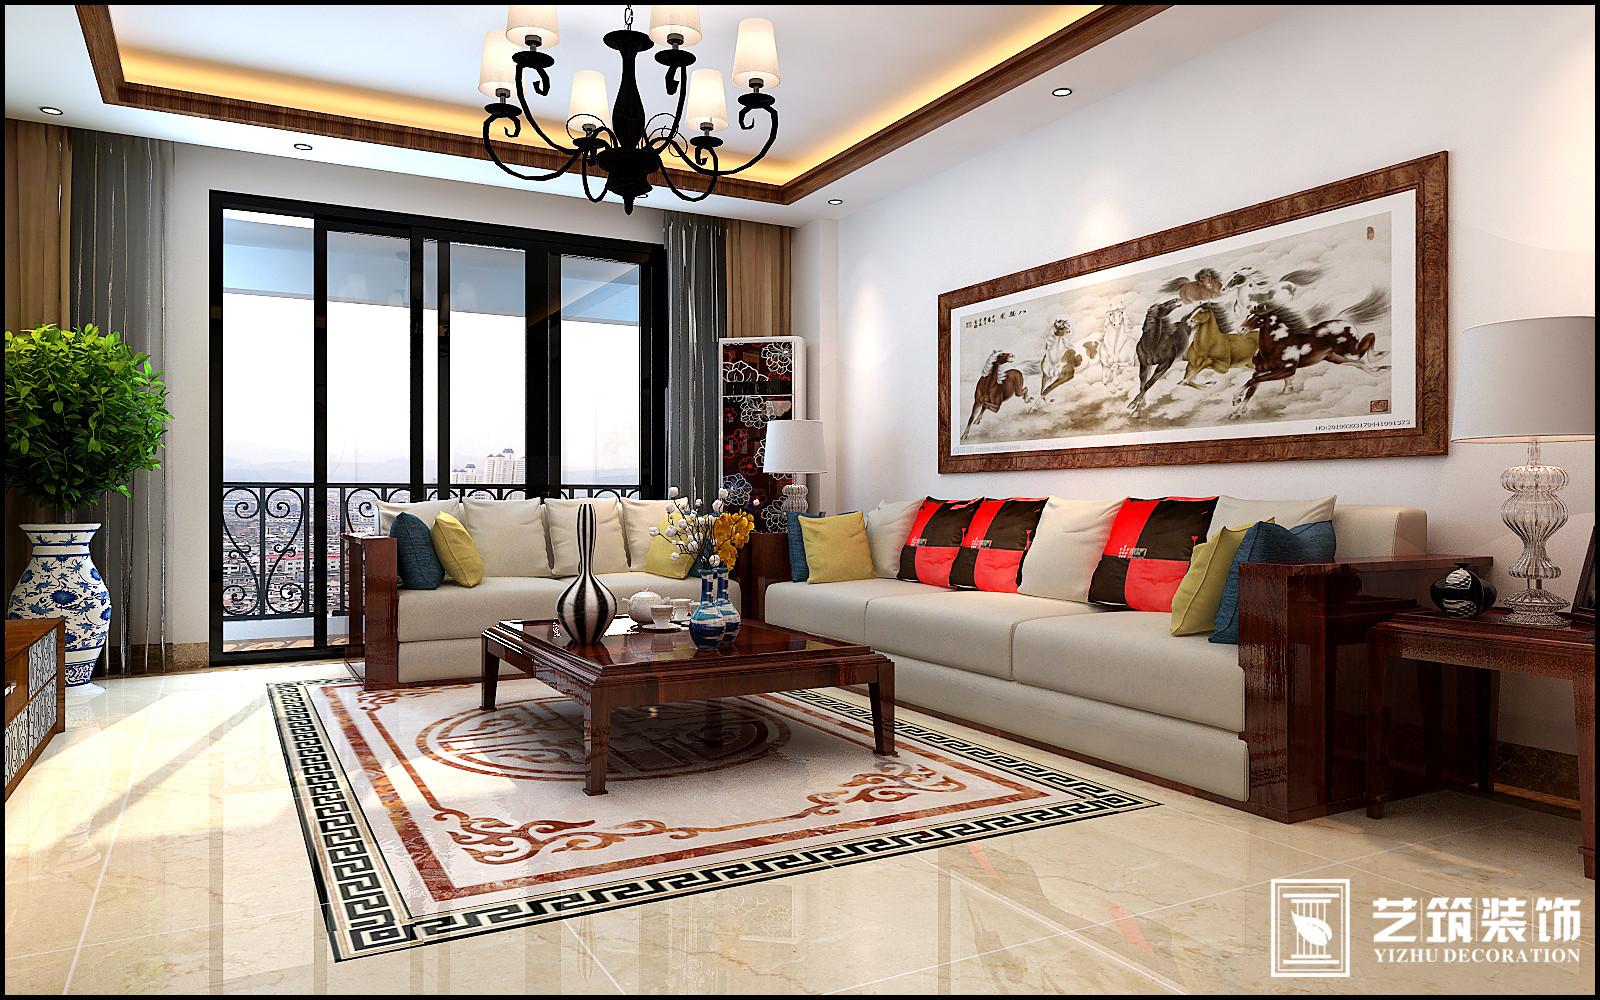 房产 正文  墙体底漆,面漆,全房瓷砖,卧室木地板,洁具,所有门,3米整体